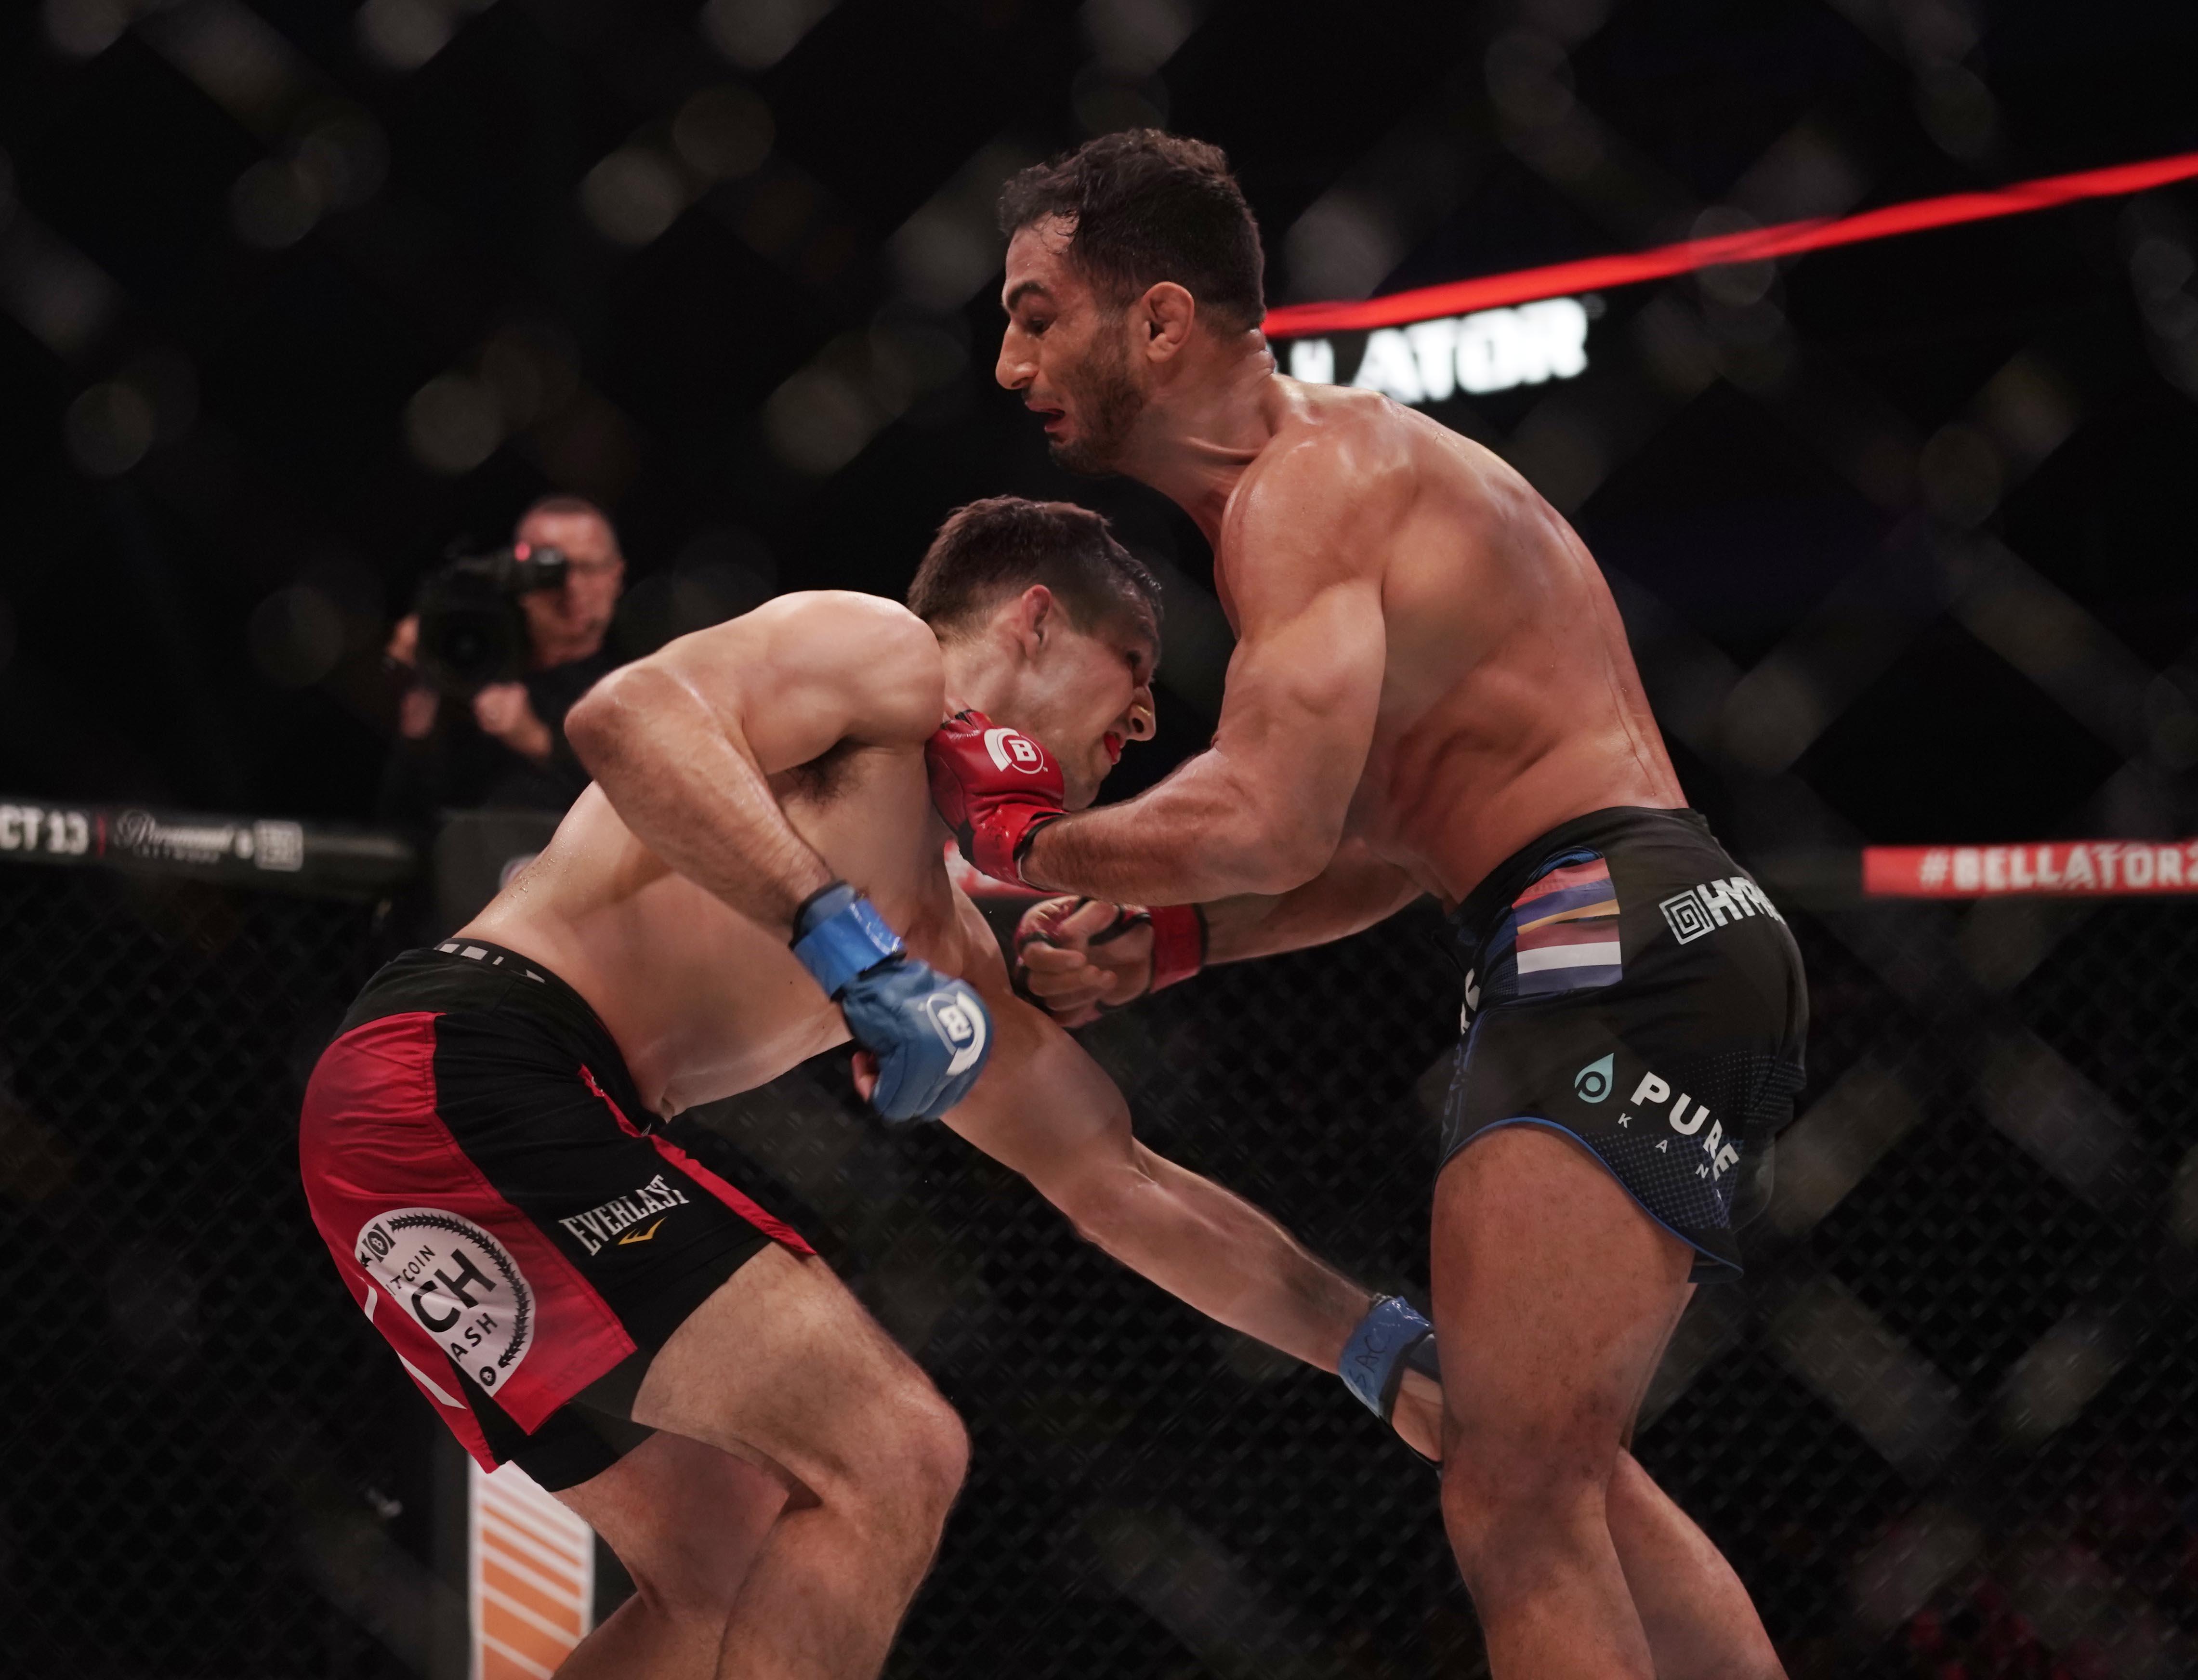 MMA: Bellator 206-Mousasi vs Macdonald